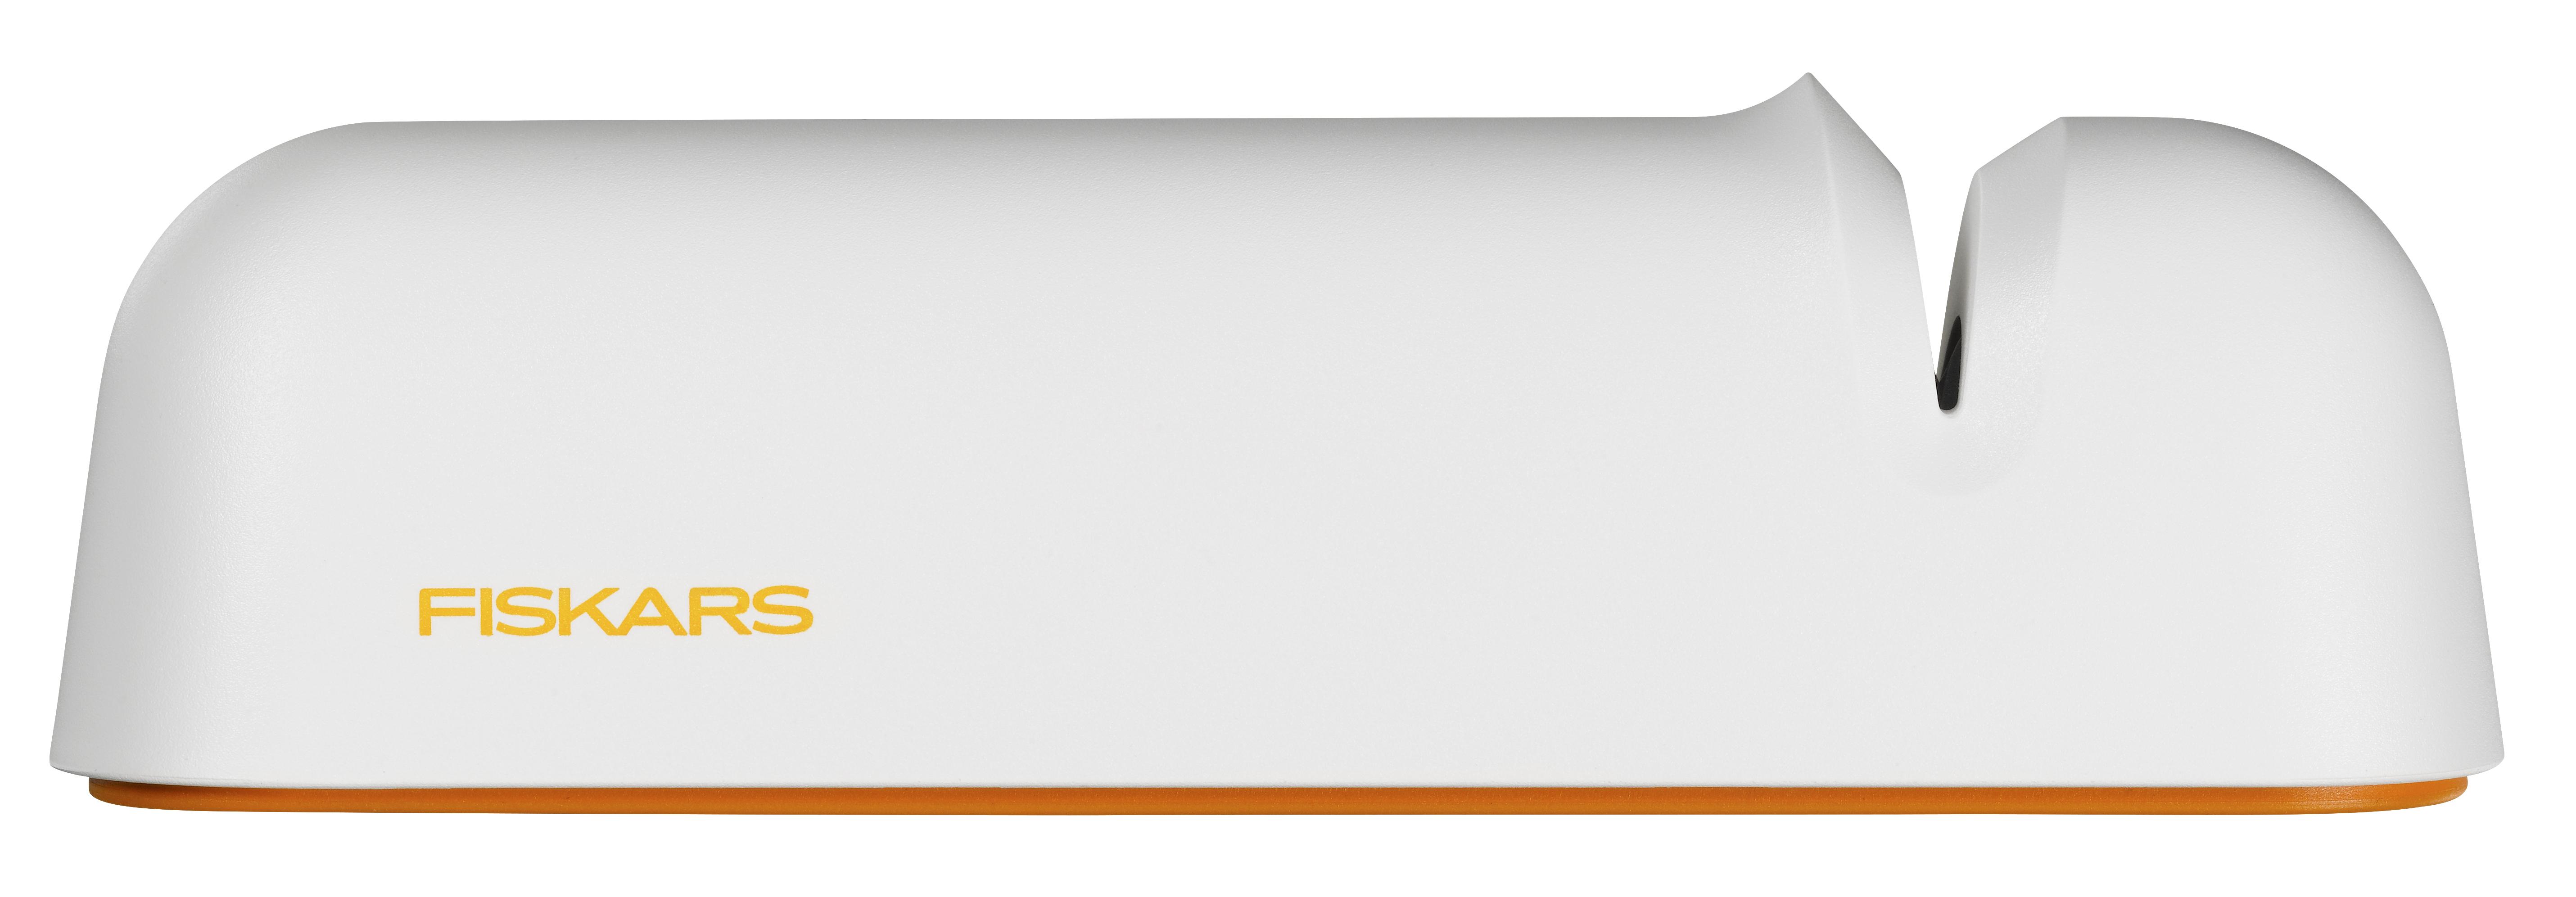 Fiskars Functional Form Roll-sharp